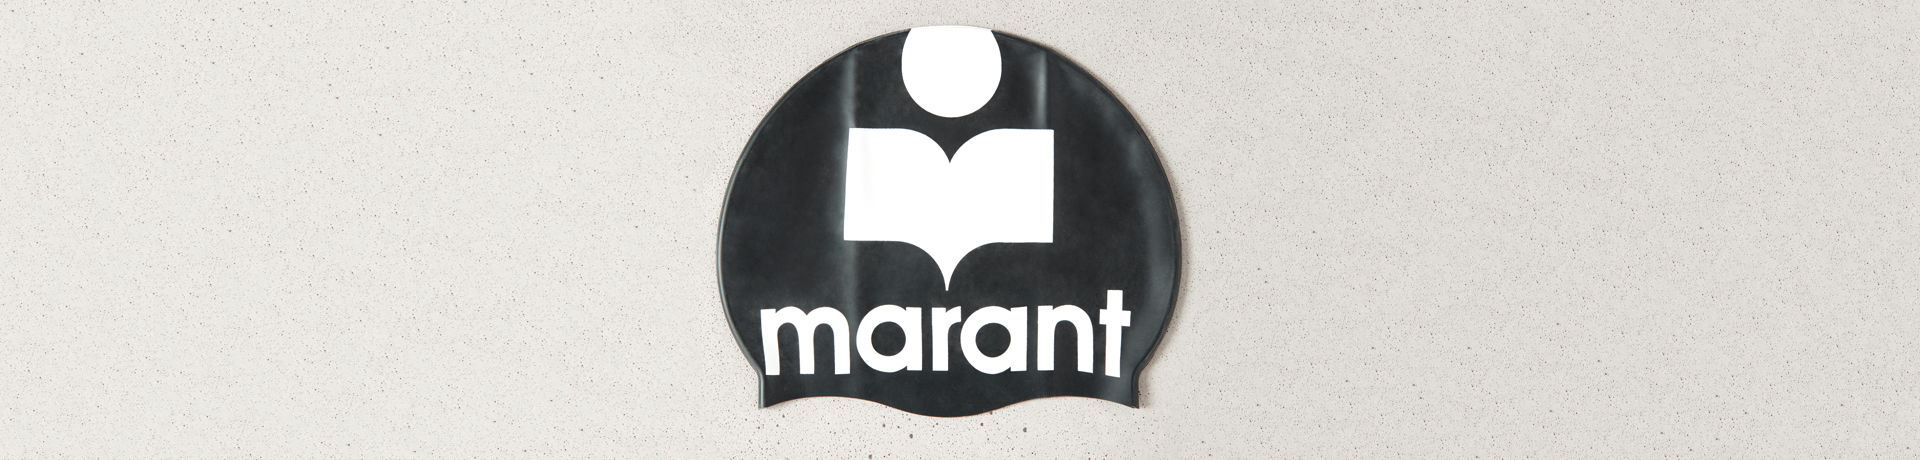 Marant Swim cap